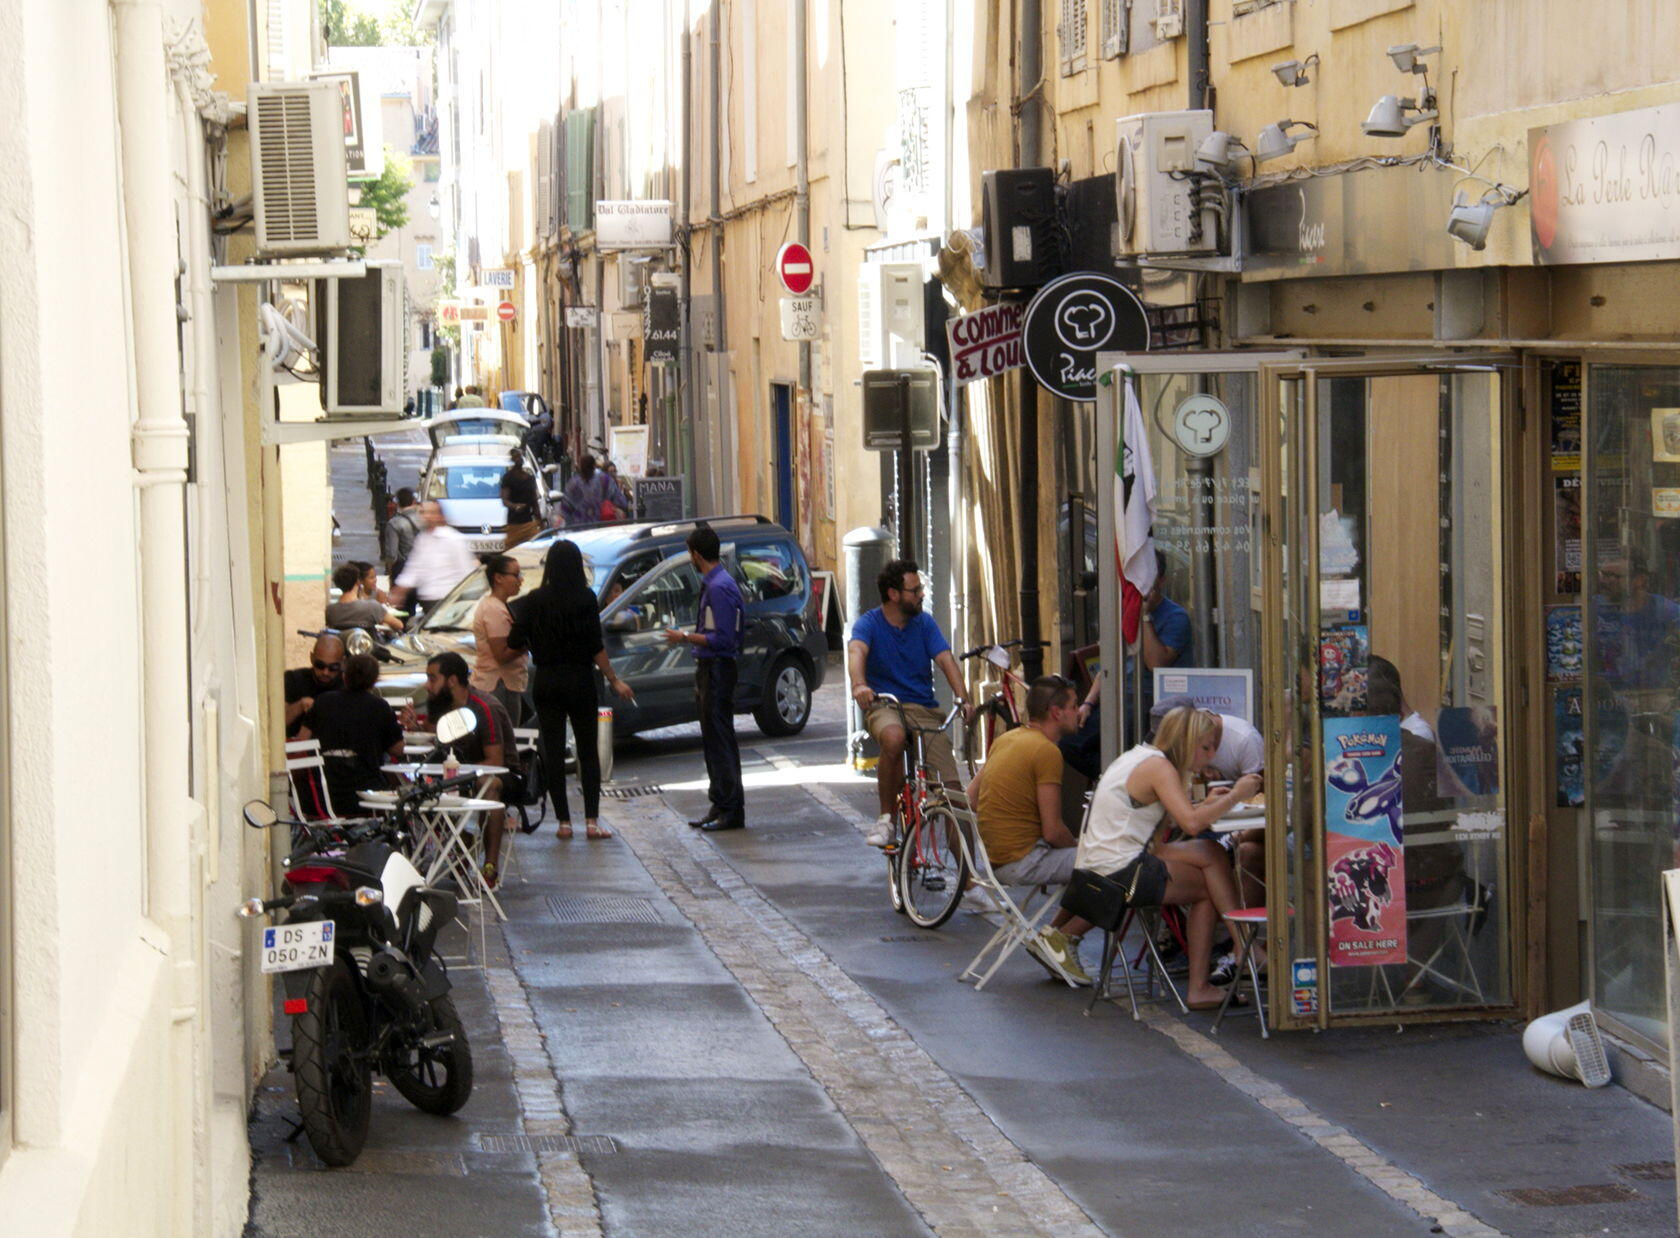 Street scene Aix-en-Provence